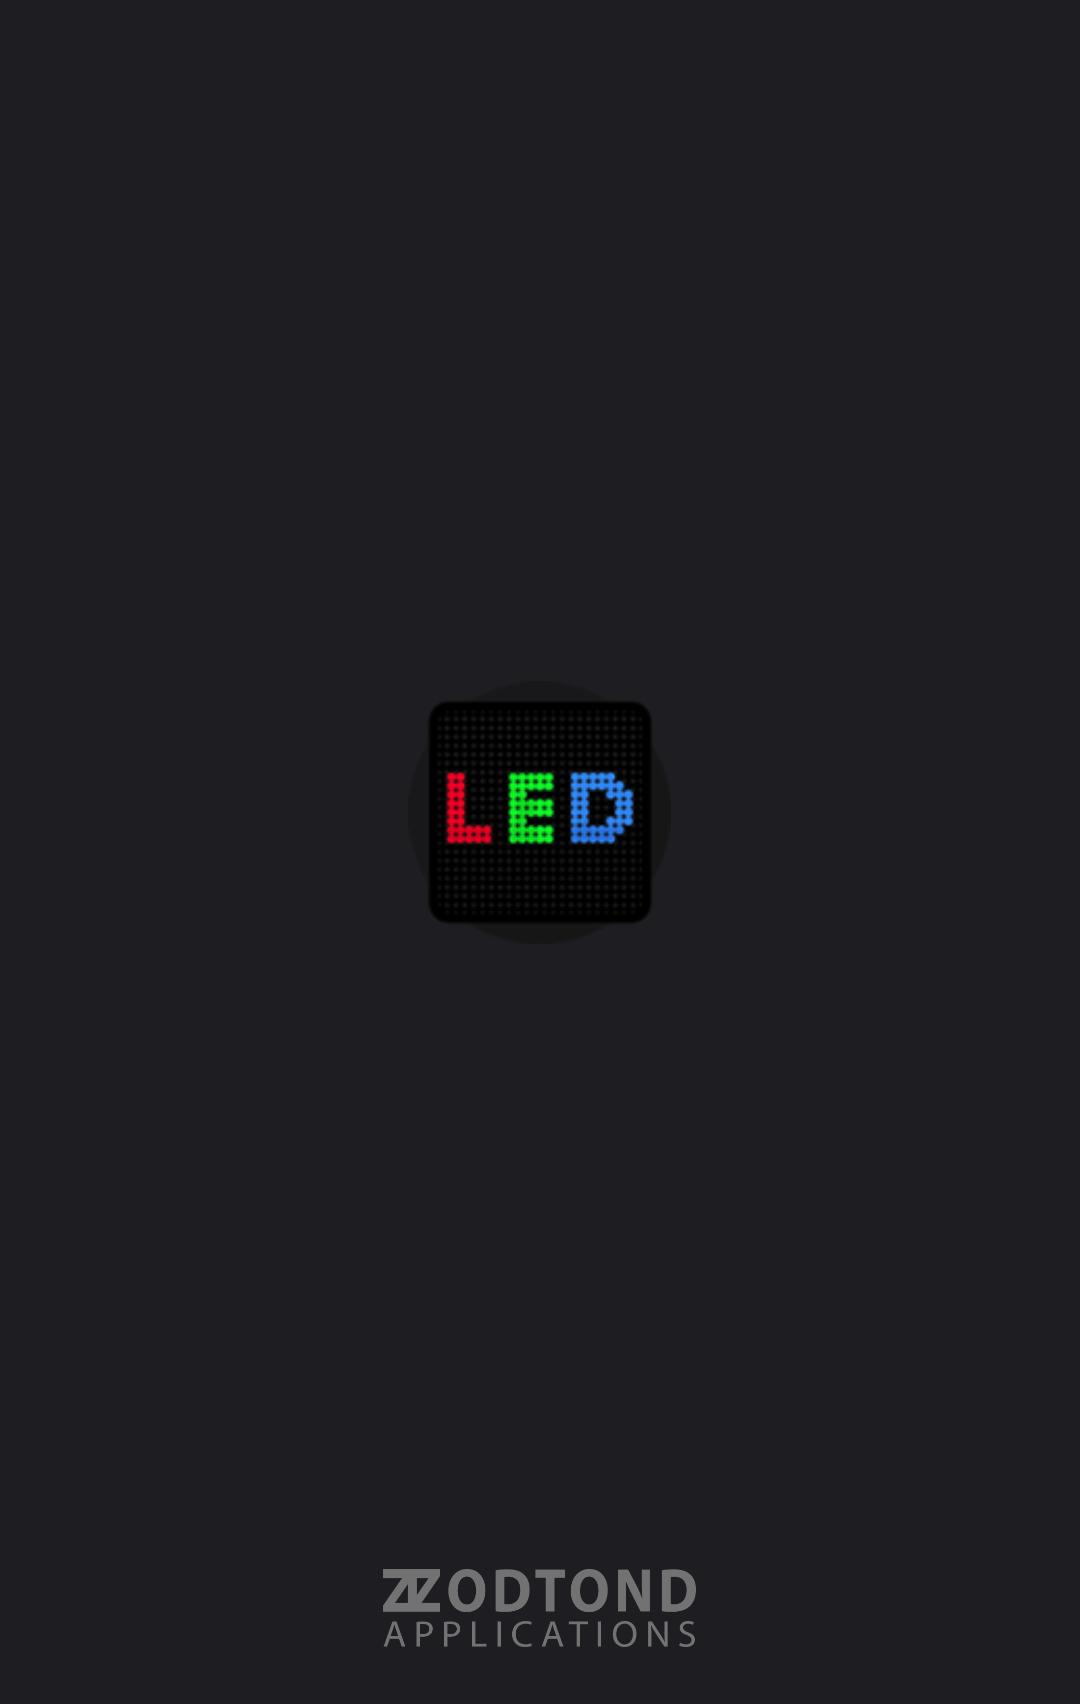 تصویر 1 نمایشگر LED